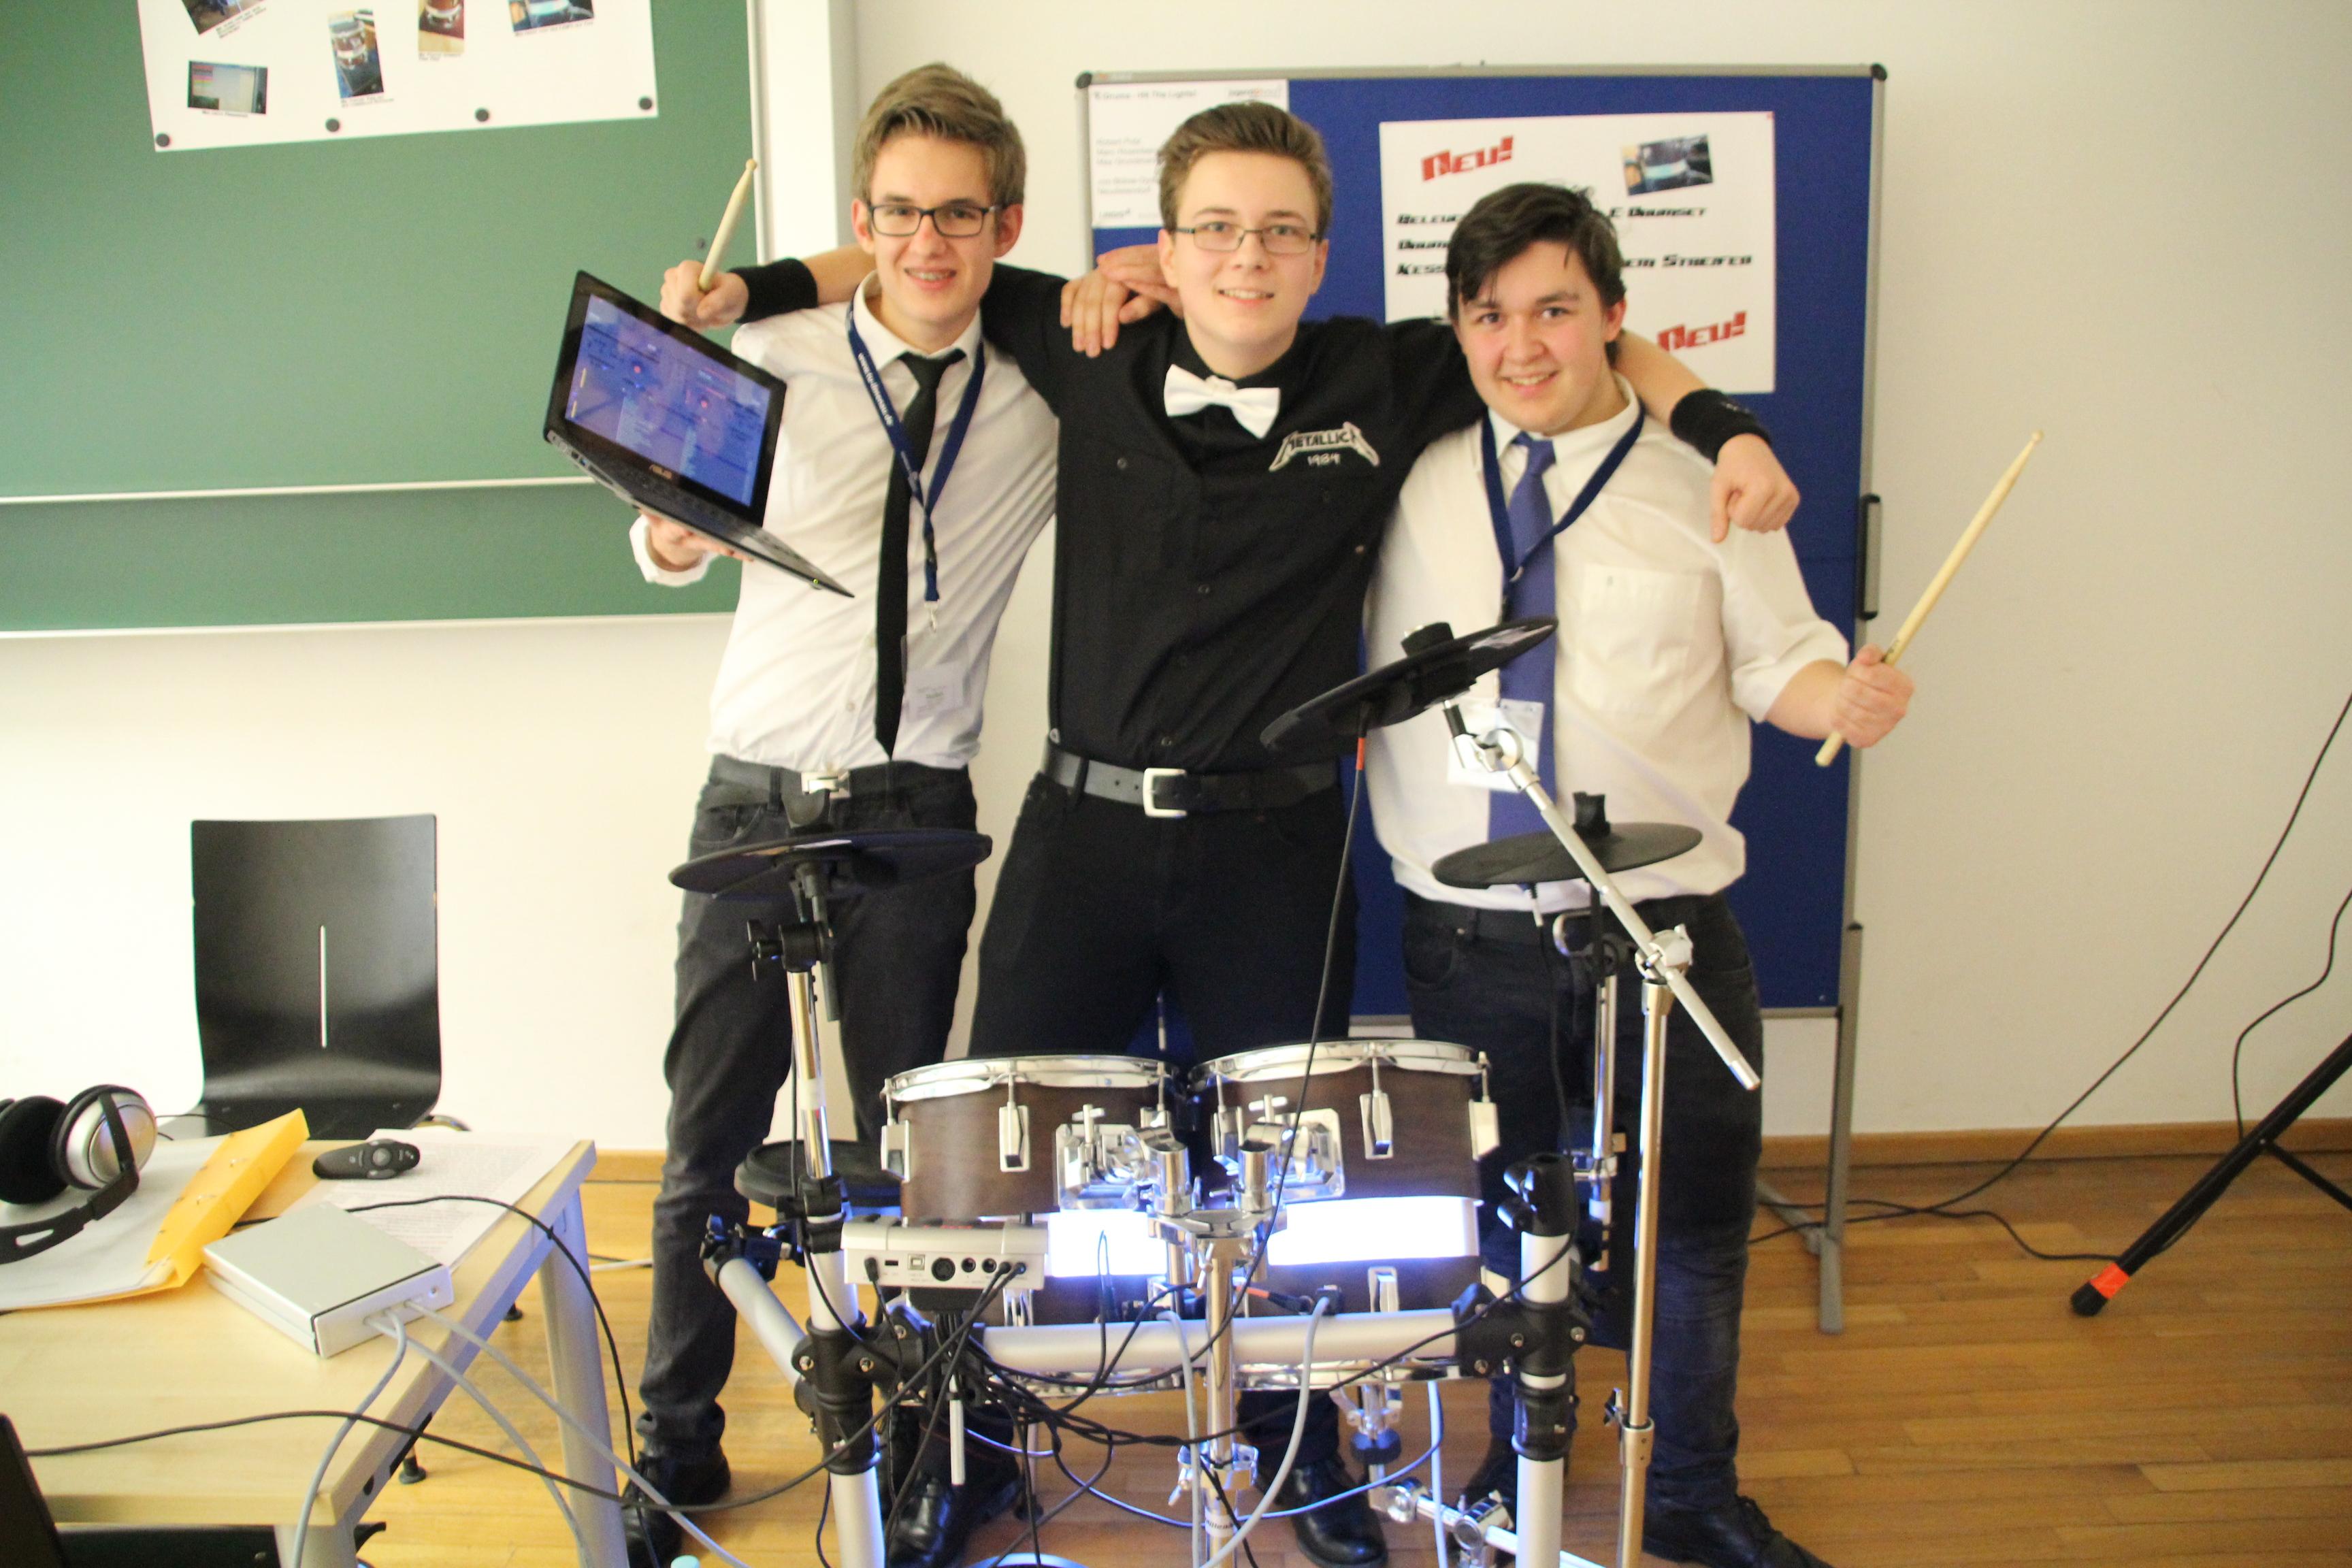 """Einen hervorragenden zweiten Platz in der Kategorie """"Technik"""" belegten Max Grundmann, Marc Rosenberg und Robert Putz mit ihrem LED-beleuchtetes E-Schlagzeug mit dem Titel """"Hit the lights"""". Zusätzlich erhielten sie den Sonderpreis der Landrätin."""